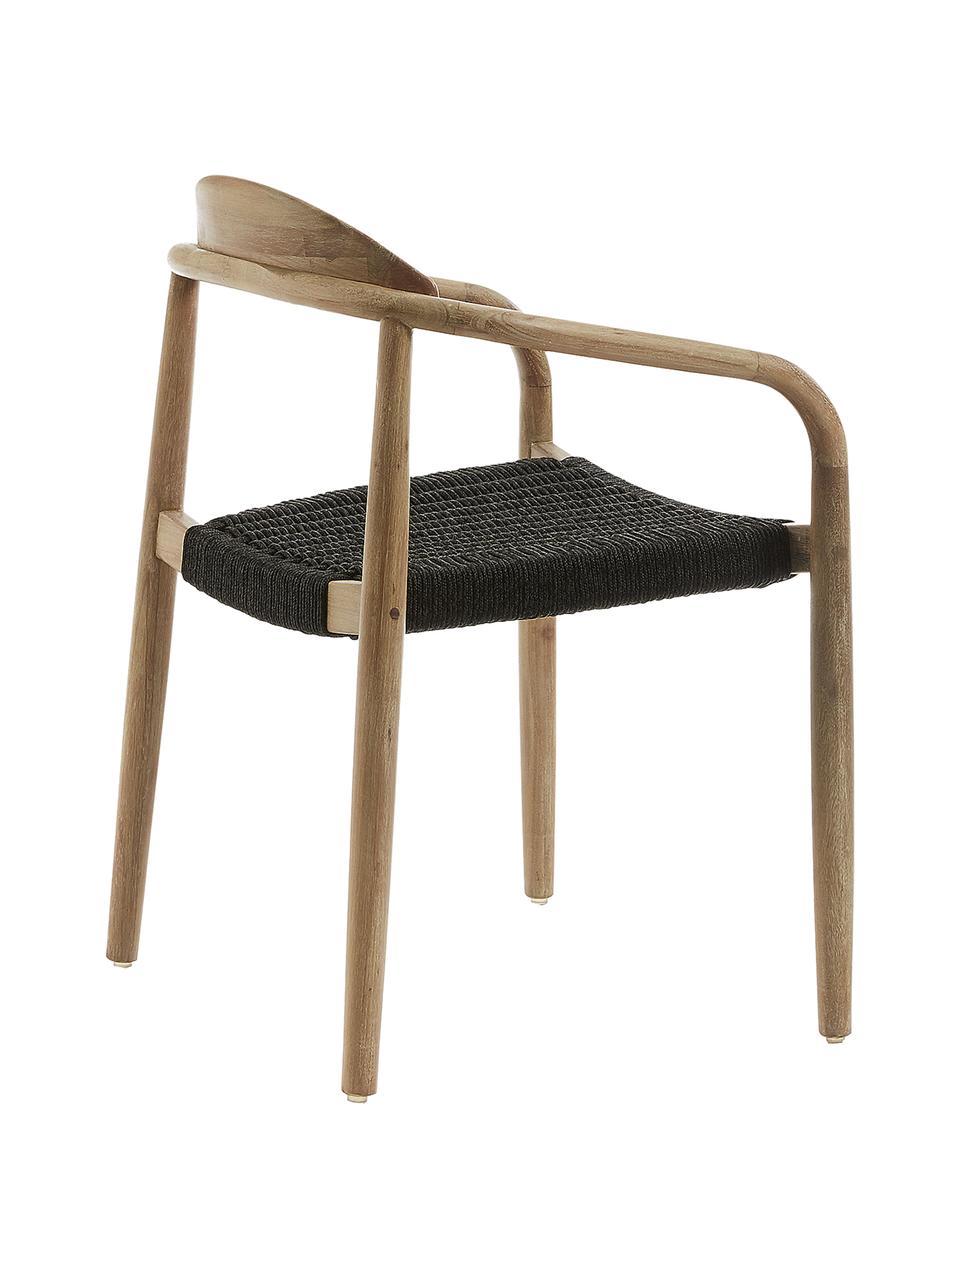 Sedia in legno massiccio con braccioli Nina, Struttura: legno massiccio di eucali, Seduta: poliestere, resistente ai, Marrone, grigio scuro, Larg. 56 x Prof. 53 cm